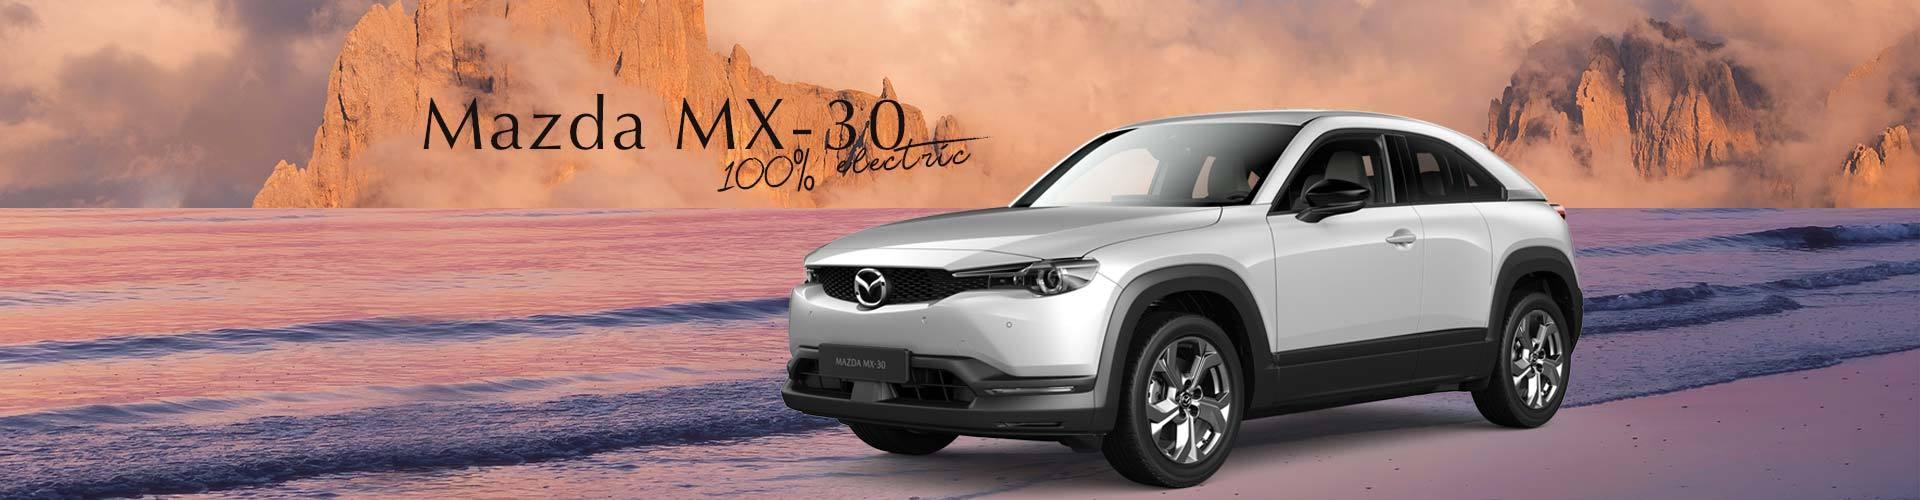 Mazda MX-30 Noleggio Autoserenissima 3.0